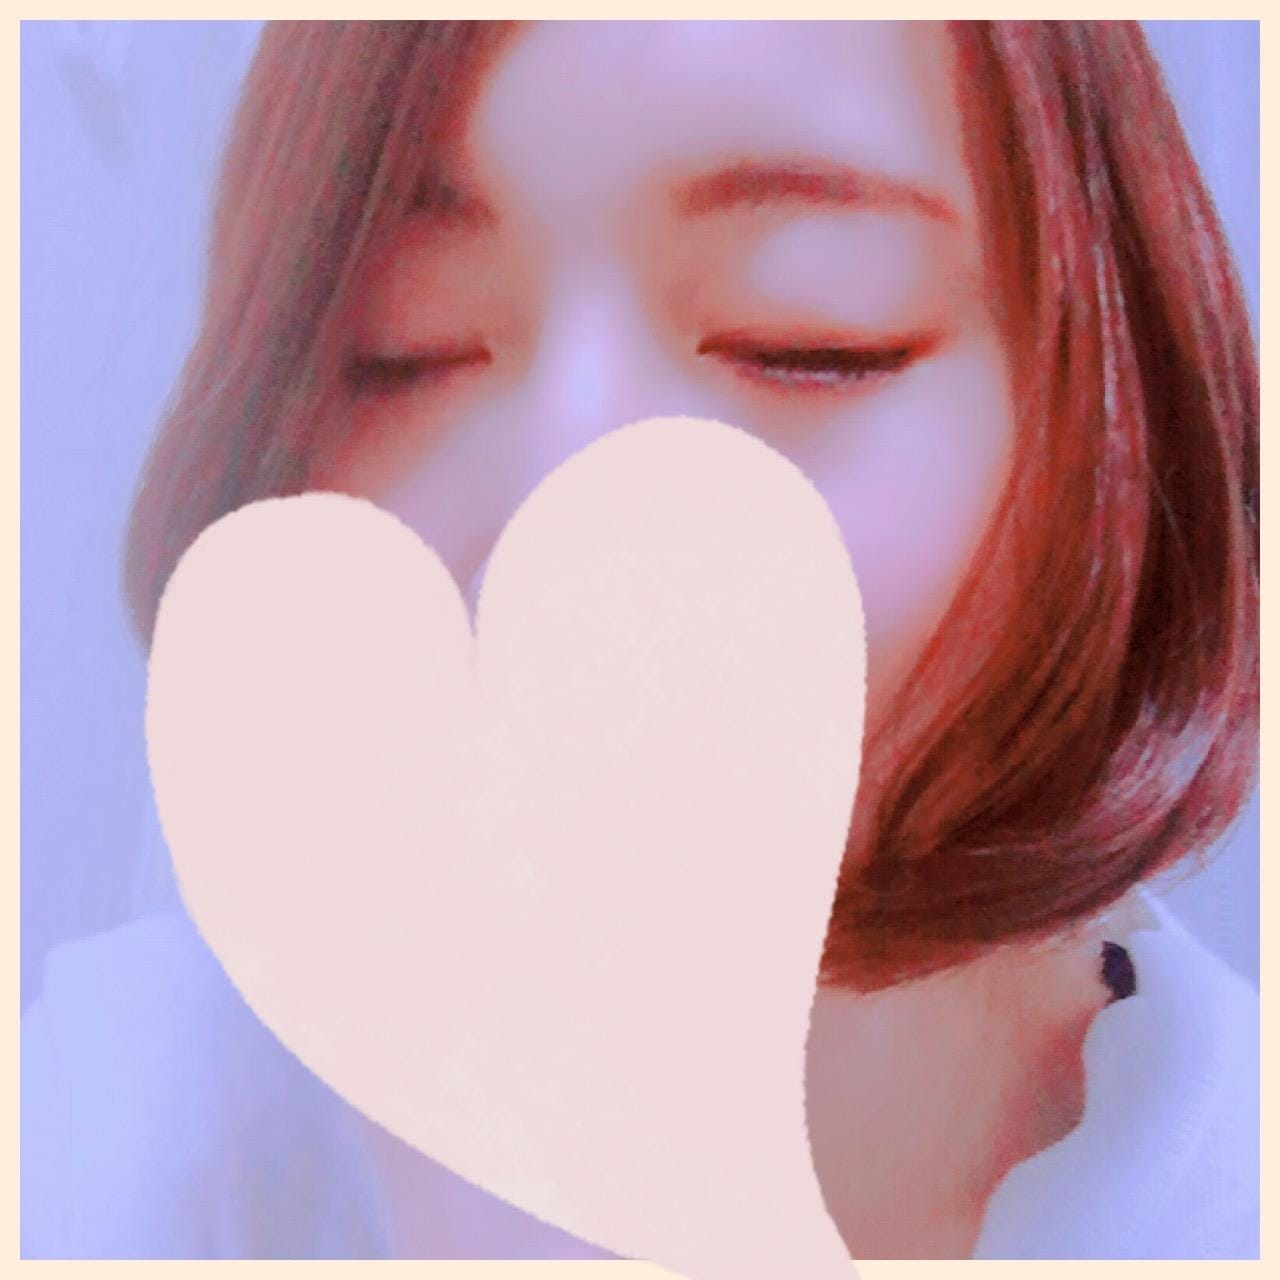 みゆき「お礼♪ みゆき」01/16(水) 23:08 | みゆきの写メ・風俗動画